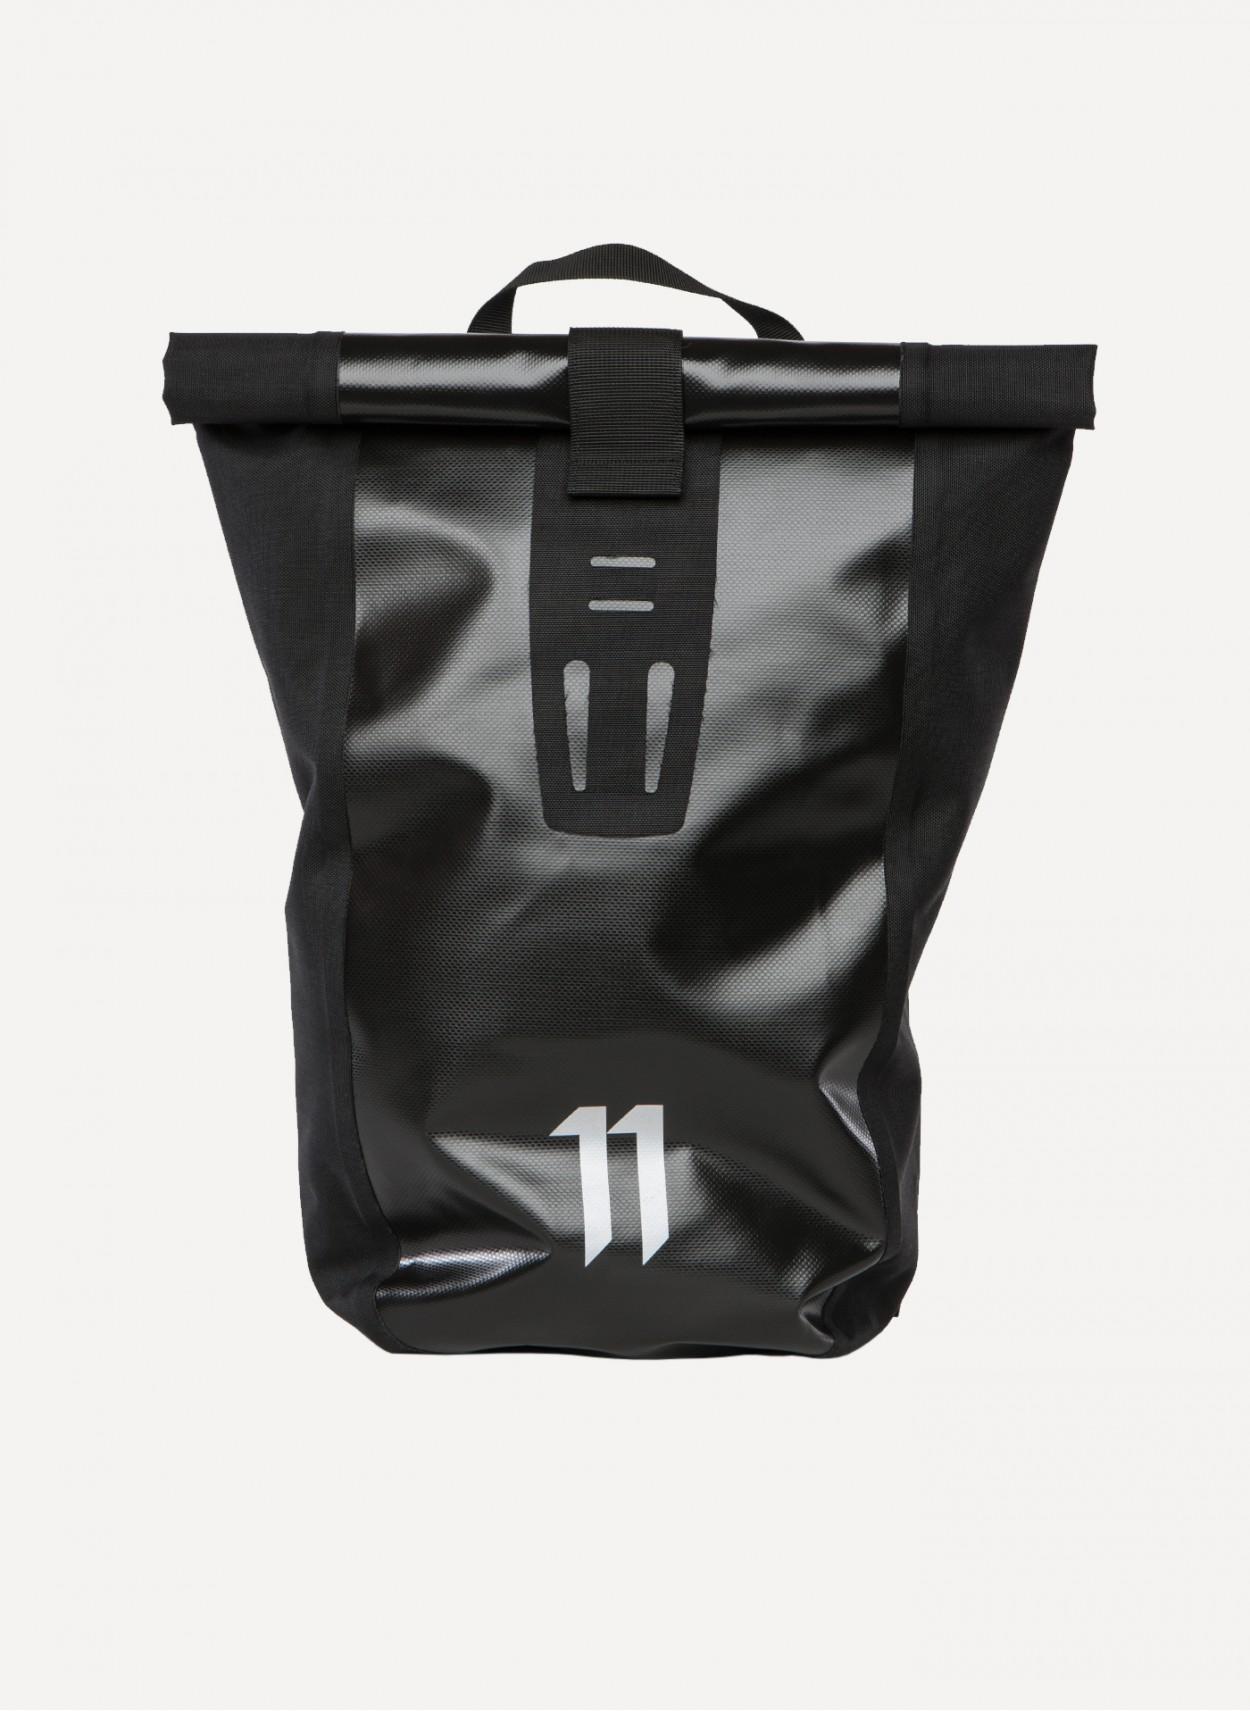 velocity-messenger-backpack-black.jpg